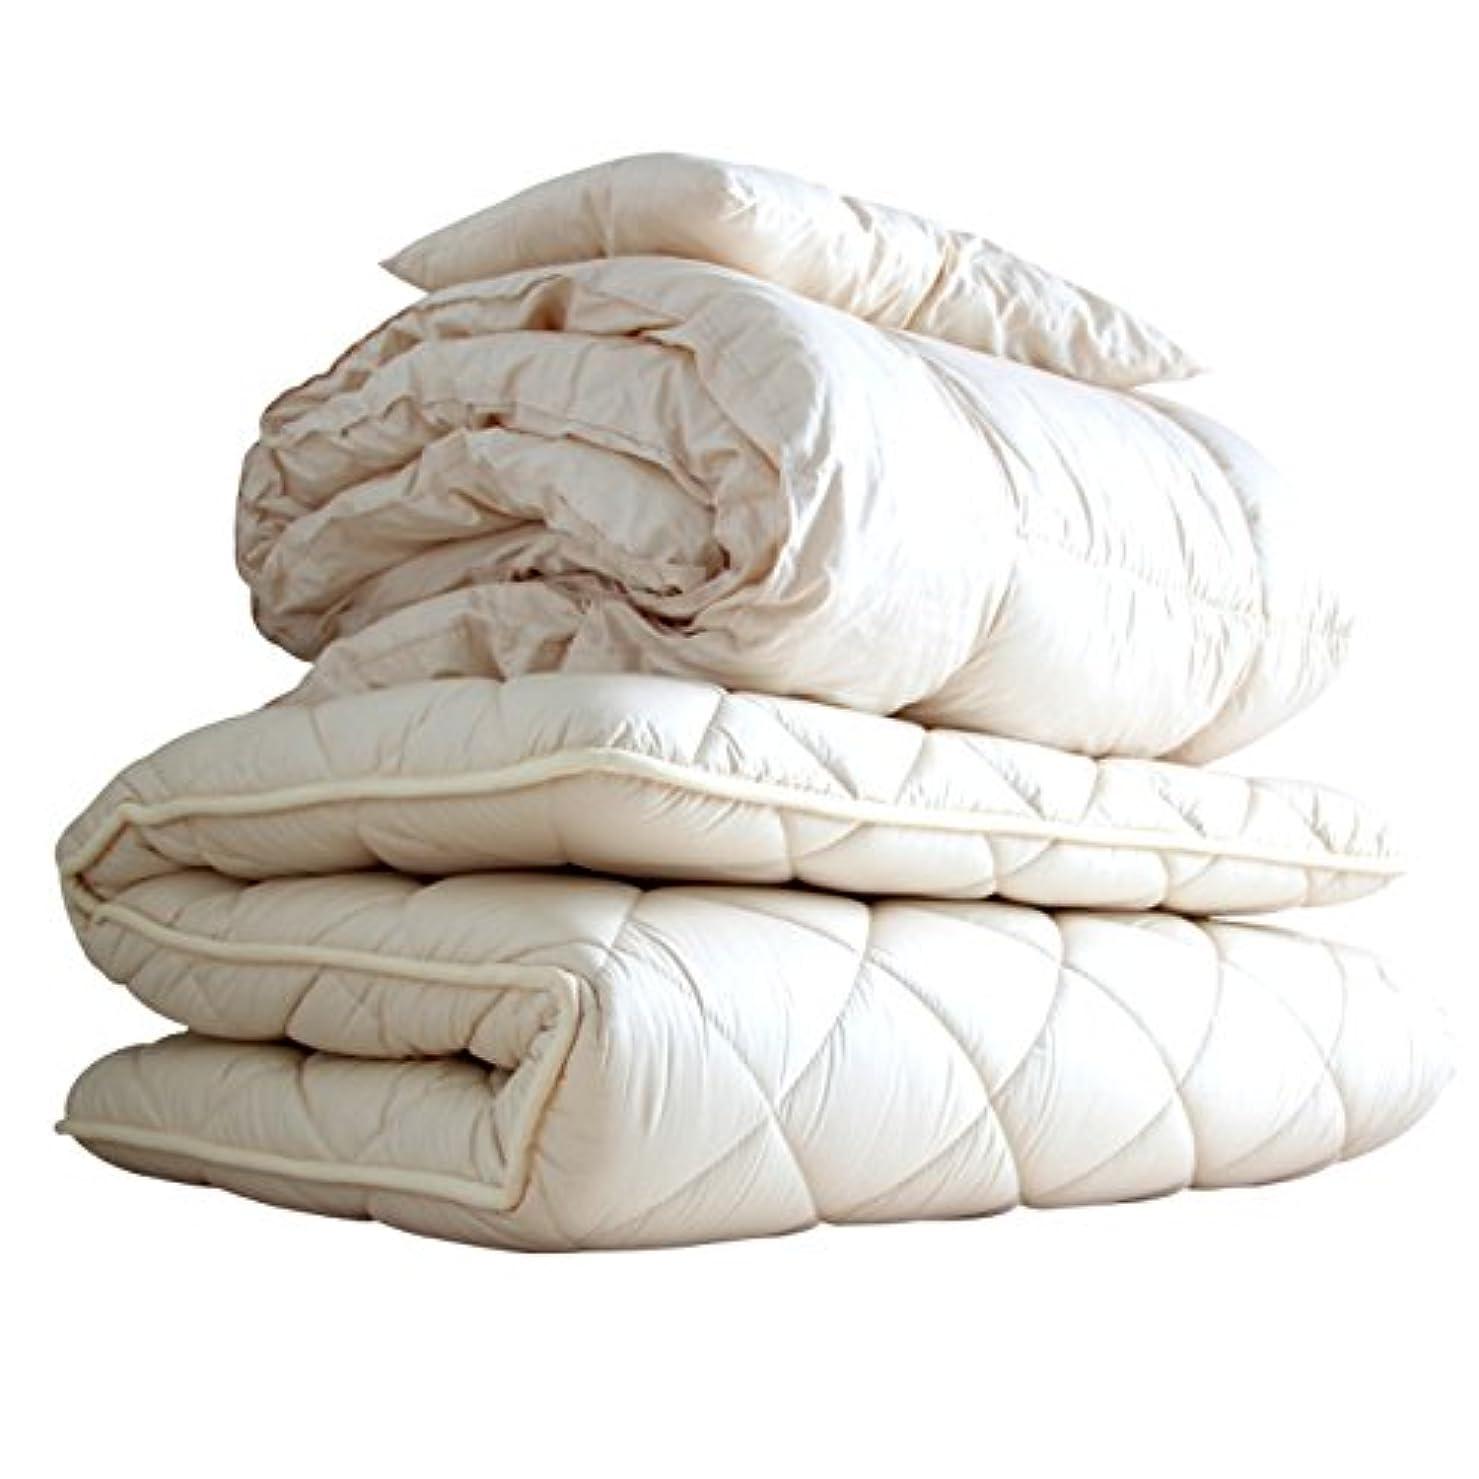 時々時々保有者判読できないAPHRODITA(アプロディーテ) 寧々(NENE) 布団セット 3点セット(掛け布団 敷き布団 枕) セミダブル 防ダニ 超ボリュームタイプ 綿100% 日本製